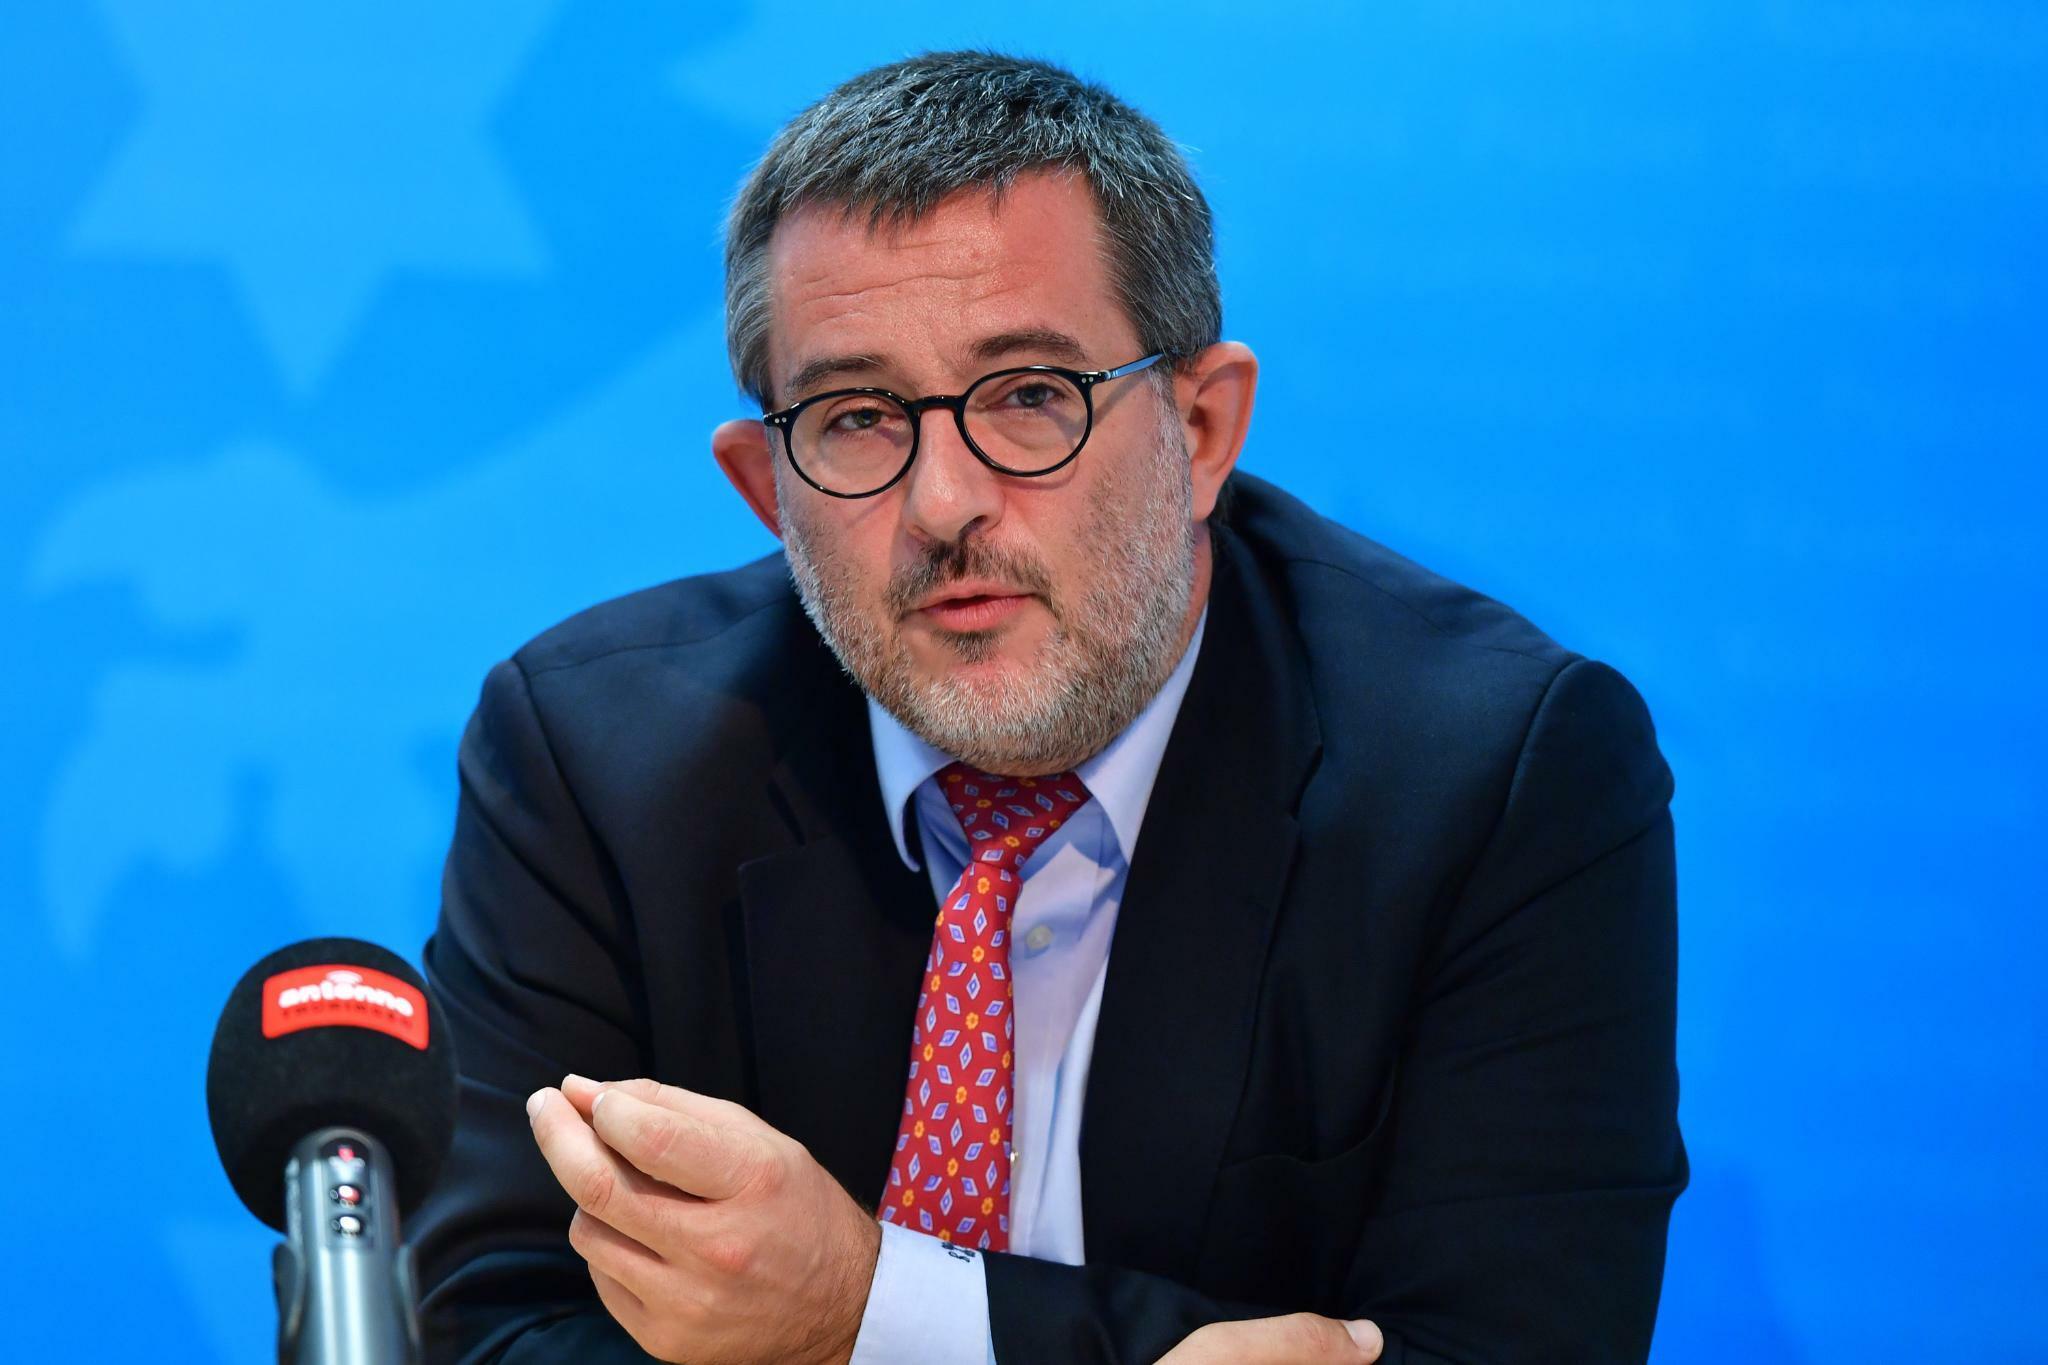 Verfassungsschützer warnt vor rechten Umtrieben unter Betriebsräten